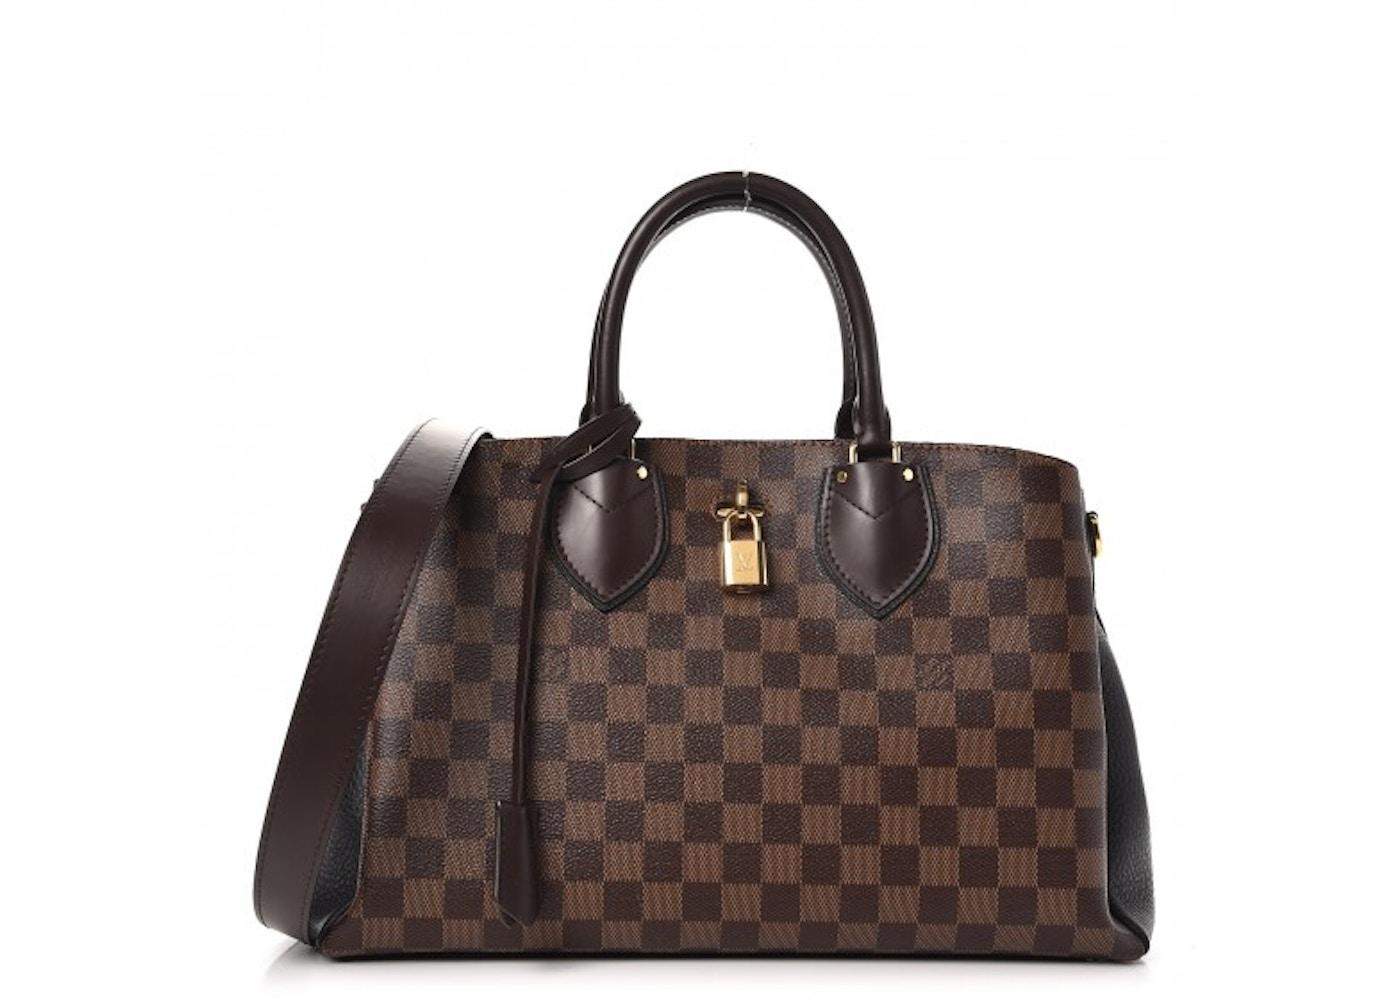 Louis Vuitton Tote Normandy Damier Ebene With Accessories Noir Black